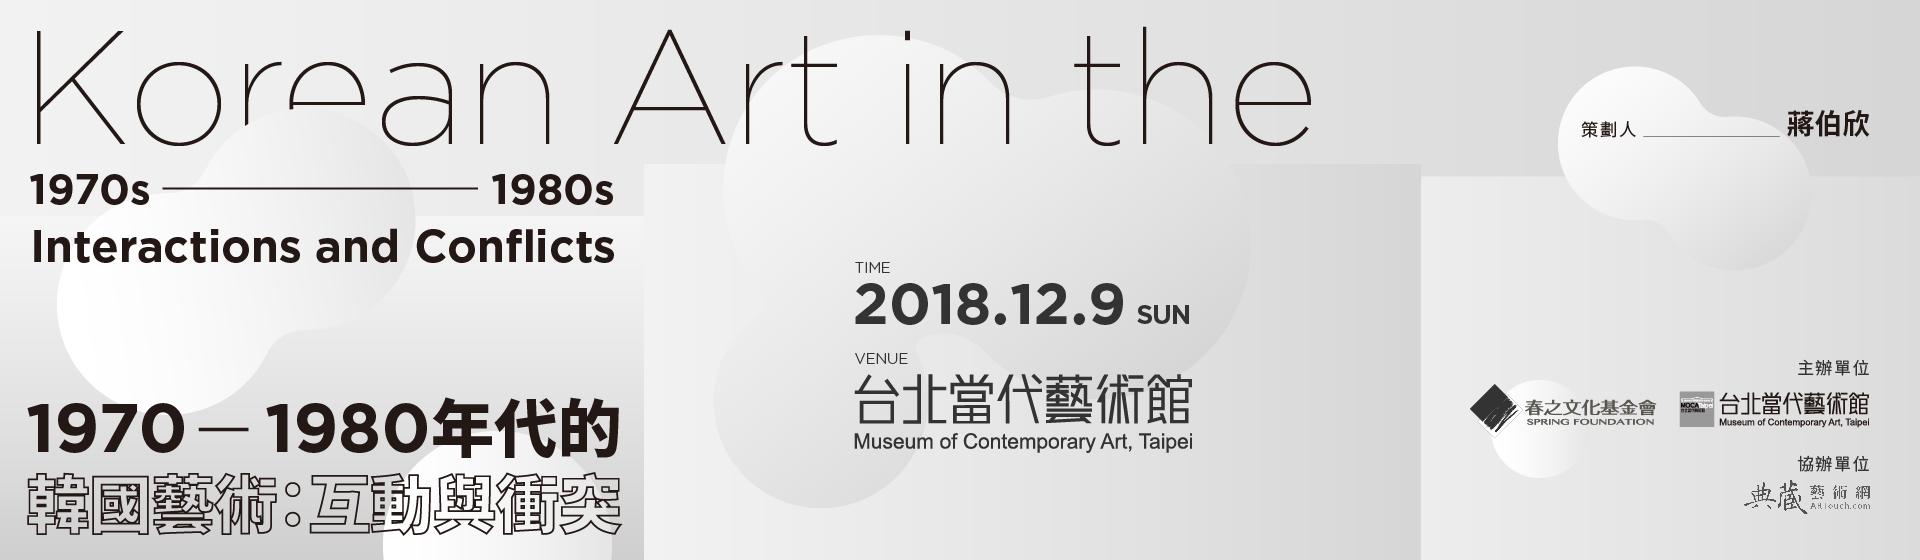 1970-1980年代的韓國藝術:互動與衝突_1920x560